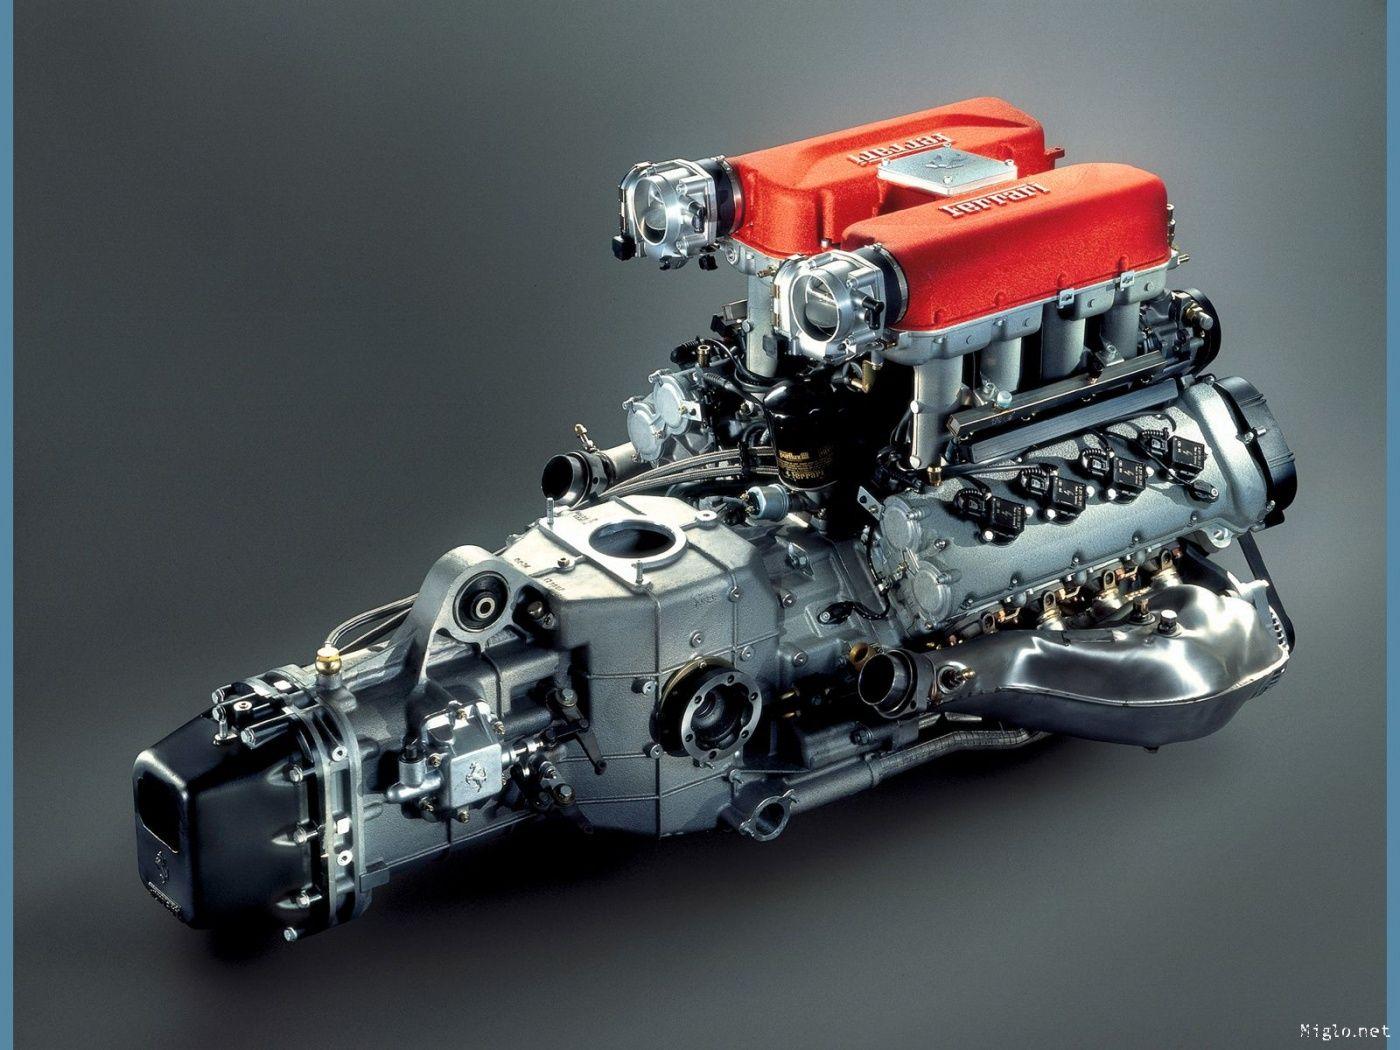 moteur Ferrari 360 Modena, | Ferrari 360 | Ferrari 360